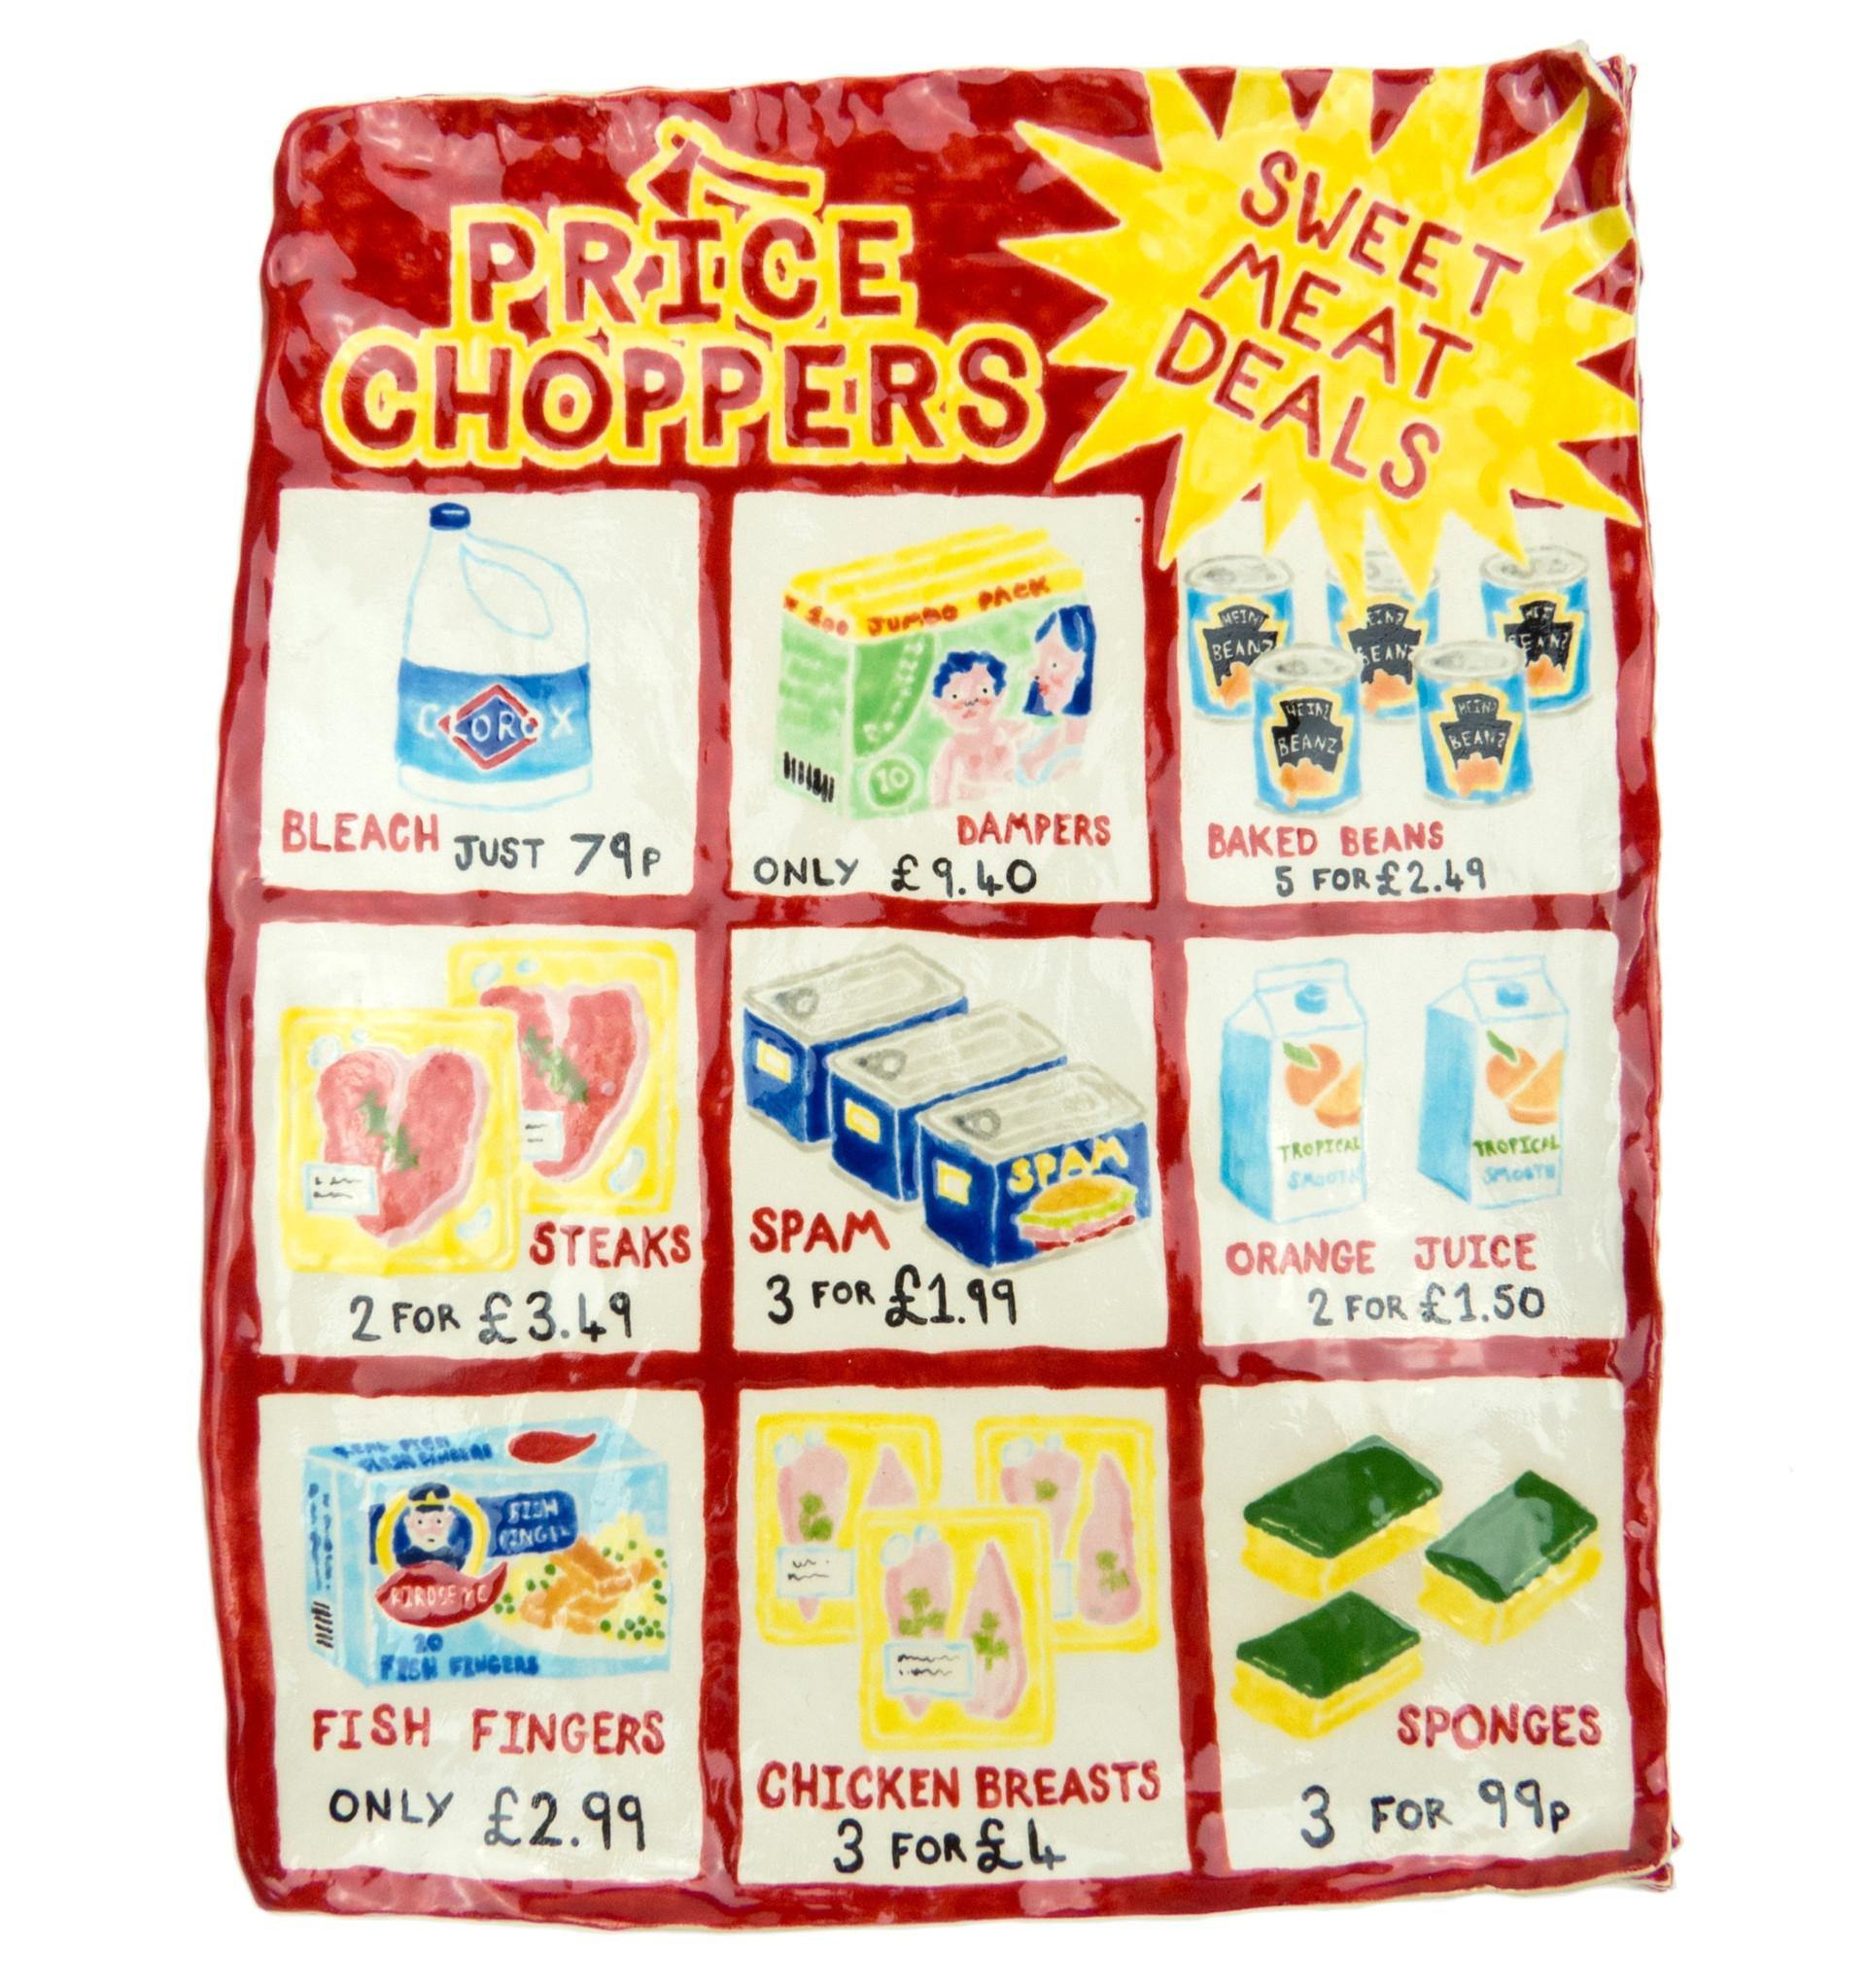 Price Chopper Discounts